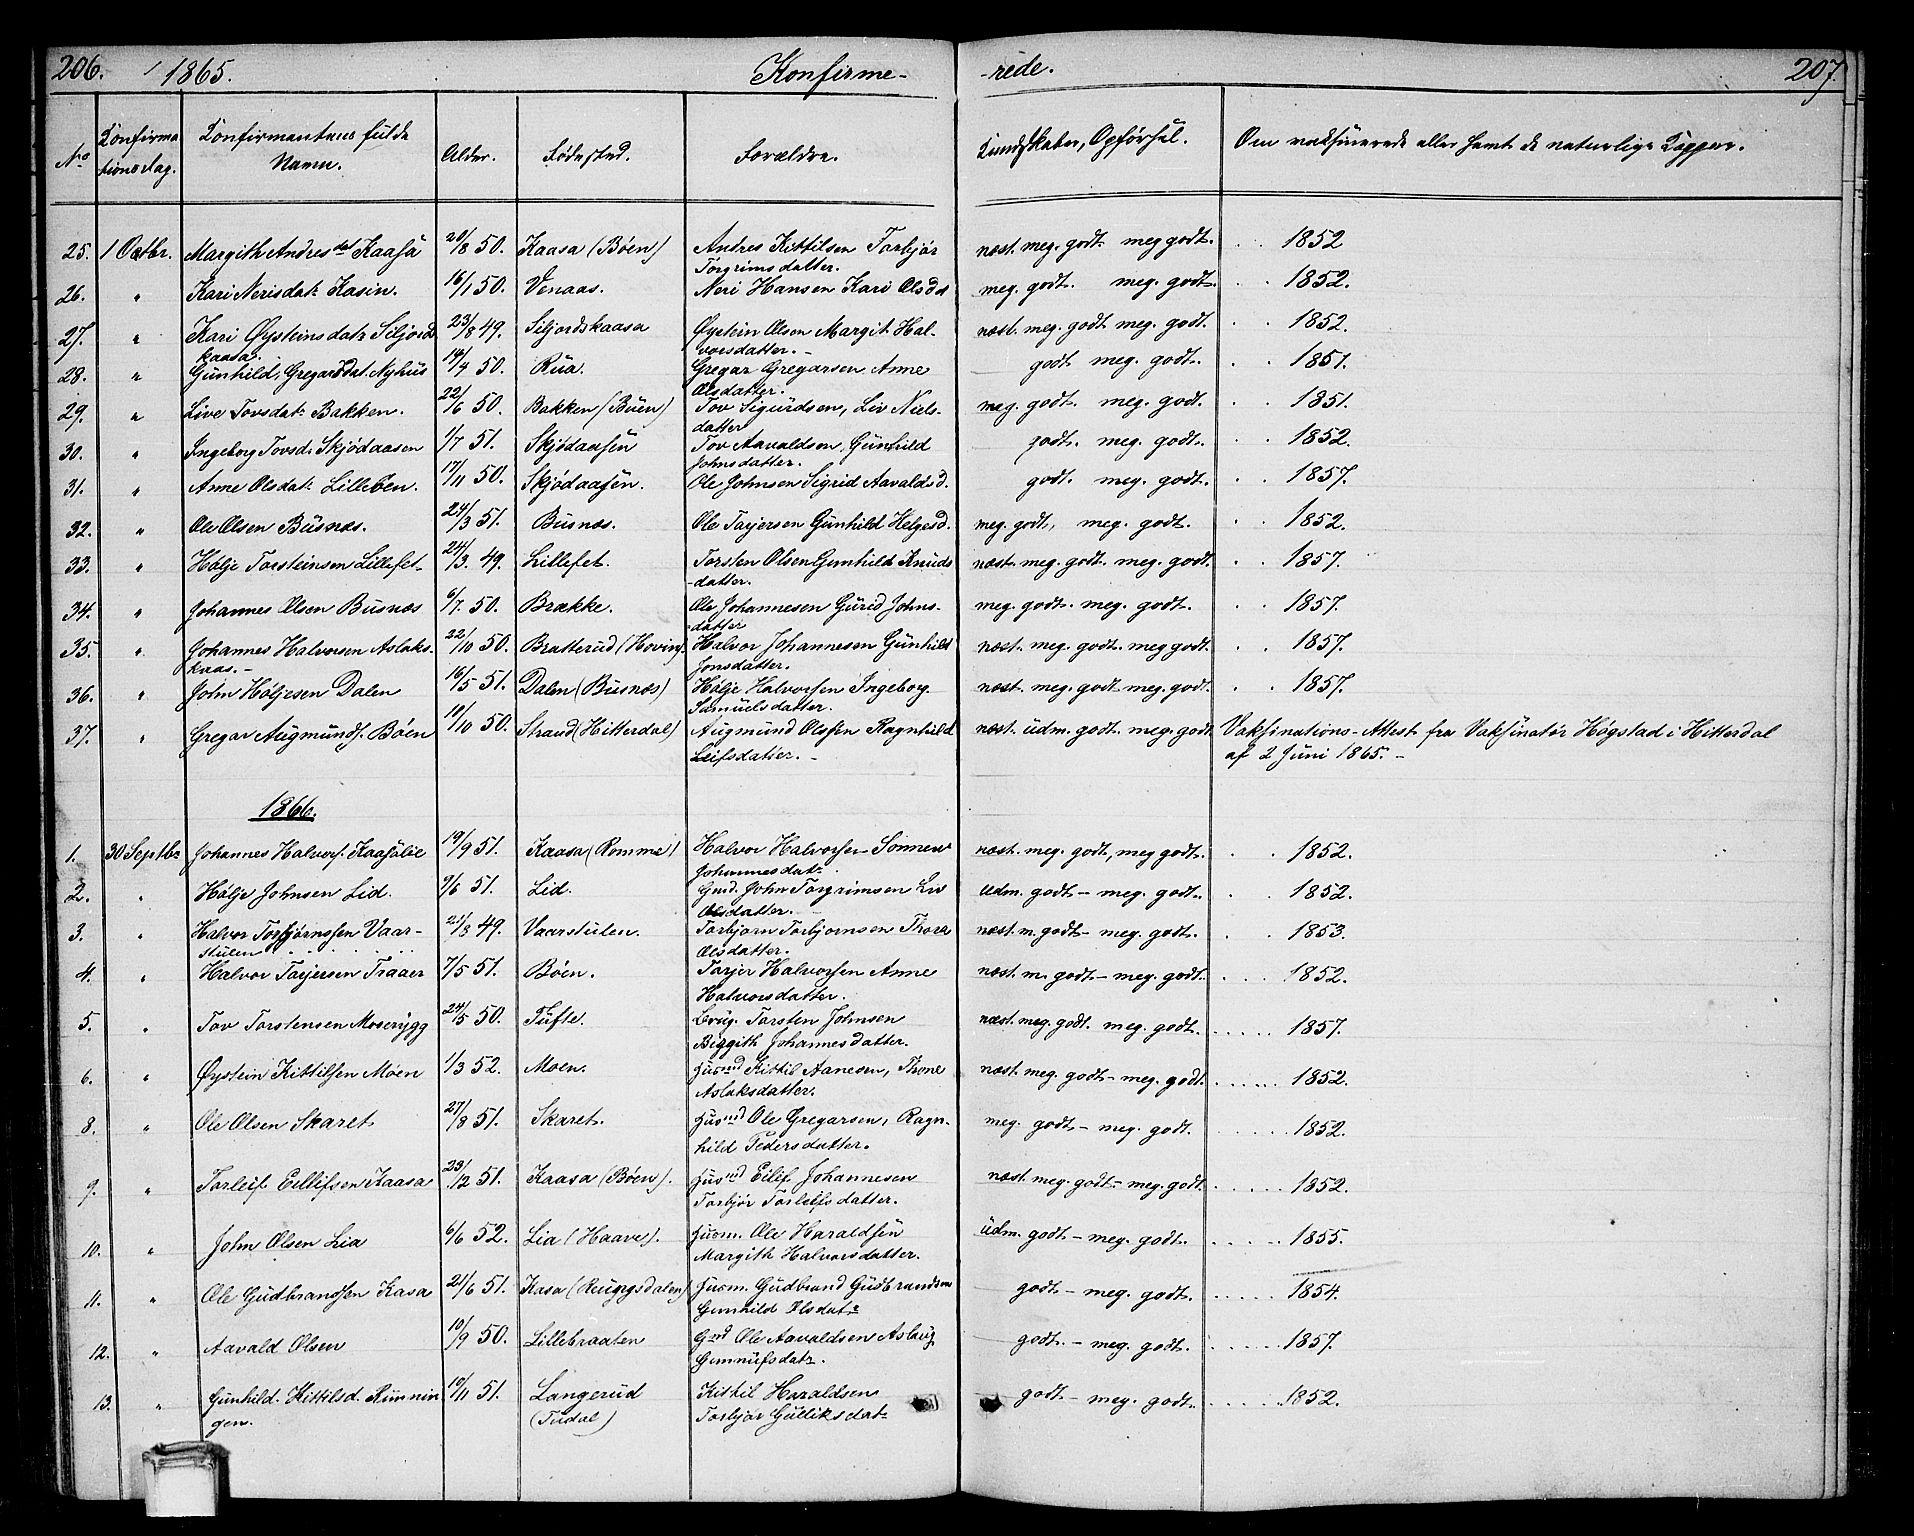 SAKO, Gransherad kirkebøker, G/Ga/L0002: Klokkerbok nr. I 2, 1854-1886, s. 206-207